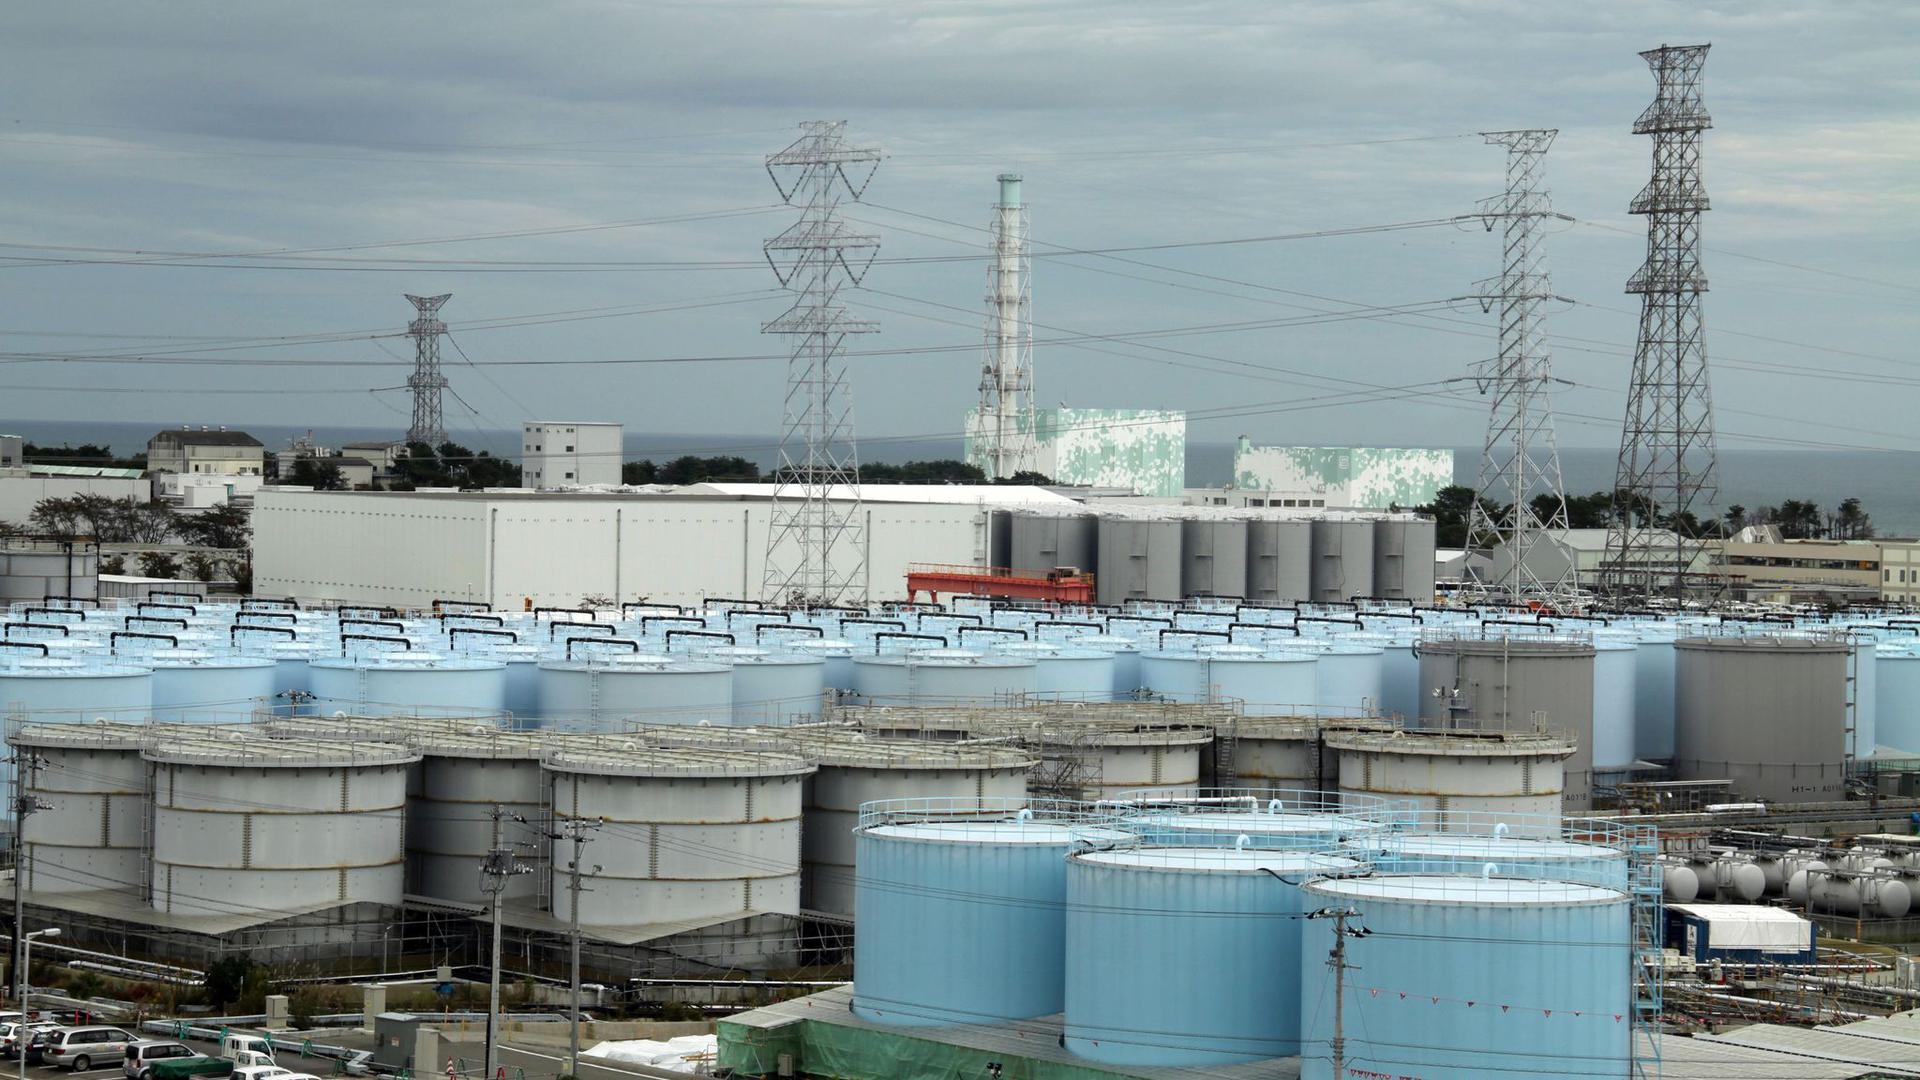 Die ständig wachsende Menge an gefiltertem, aber immer noch leicht radioaktivem Wasser auf dem Gelände des zerstörten Atomkraftwerks verursacht langsam Platzprobleme.